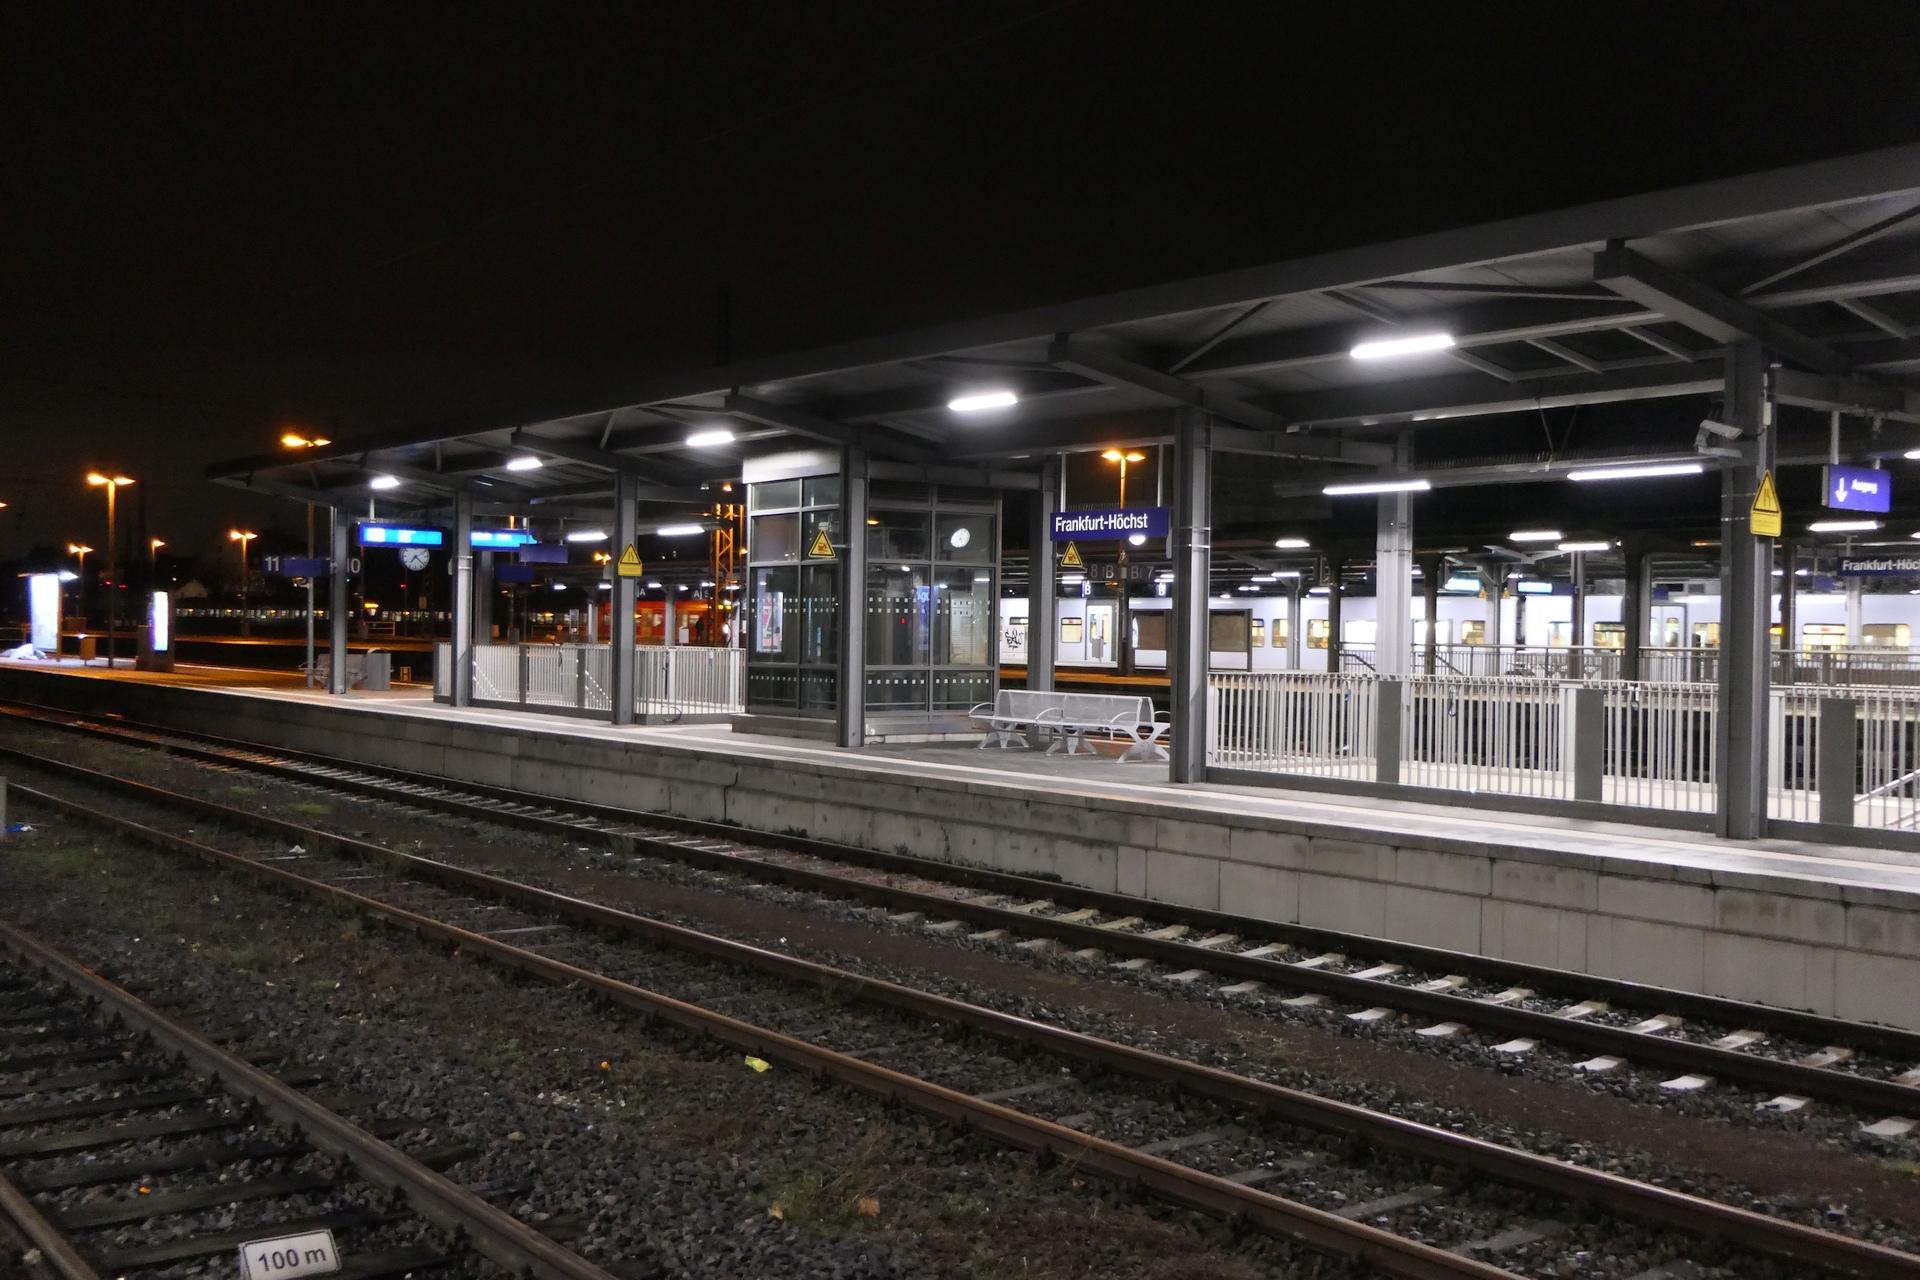 Bahnhof Frankfurt-Höchst